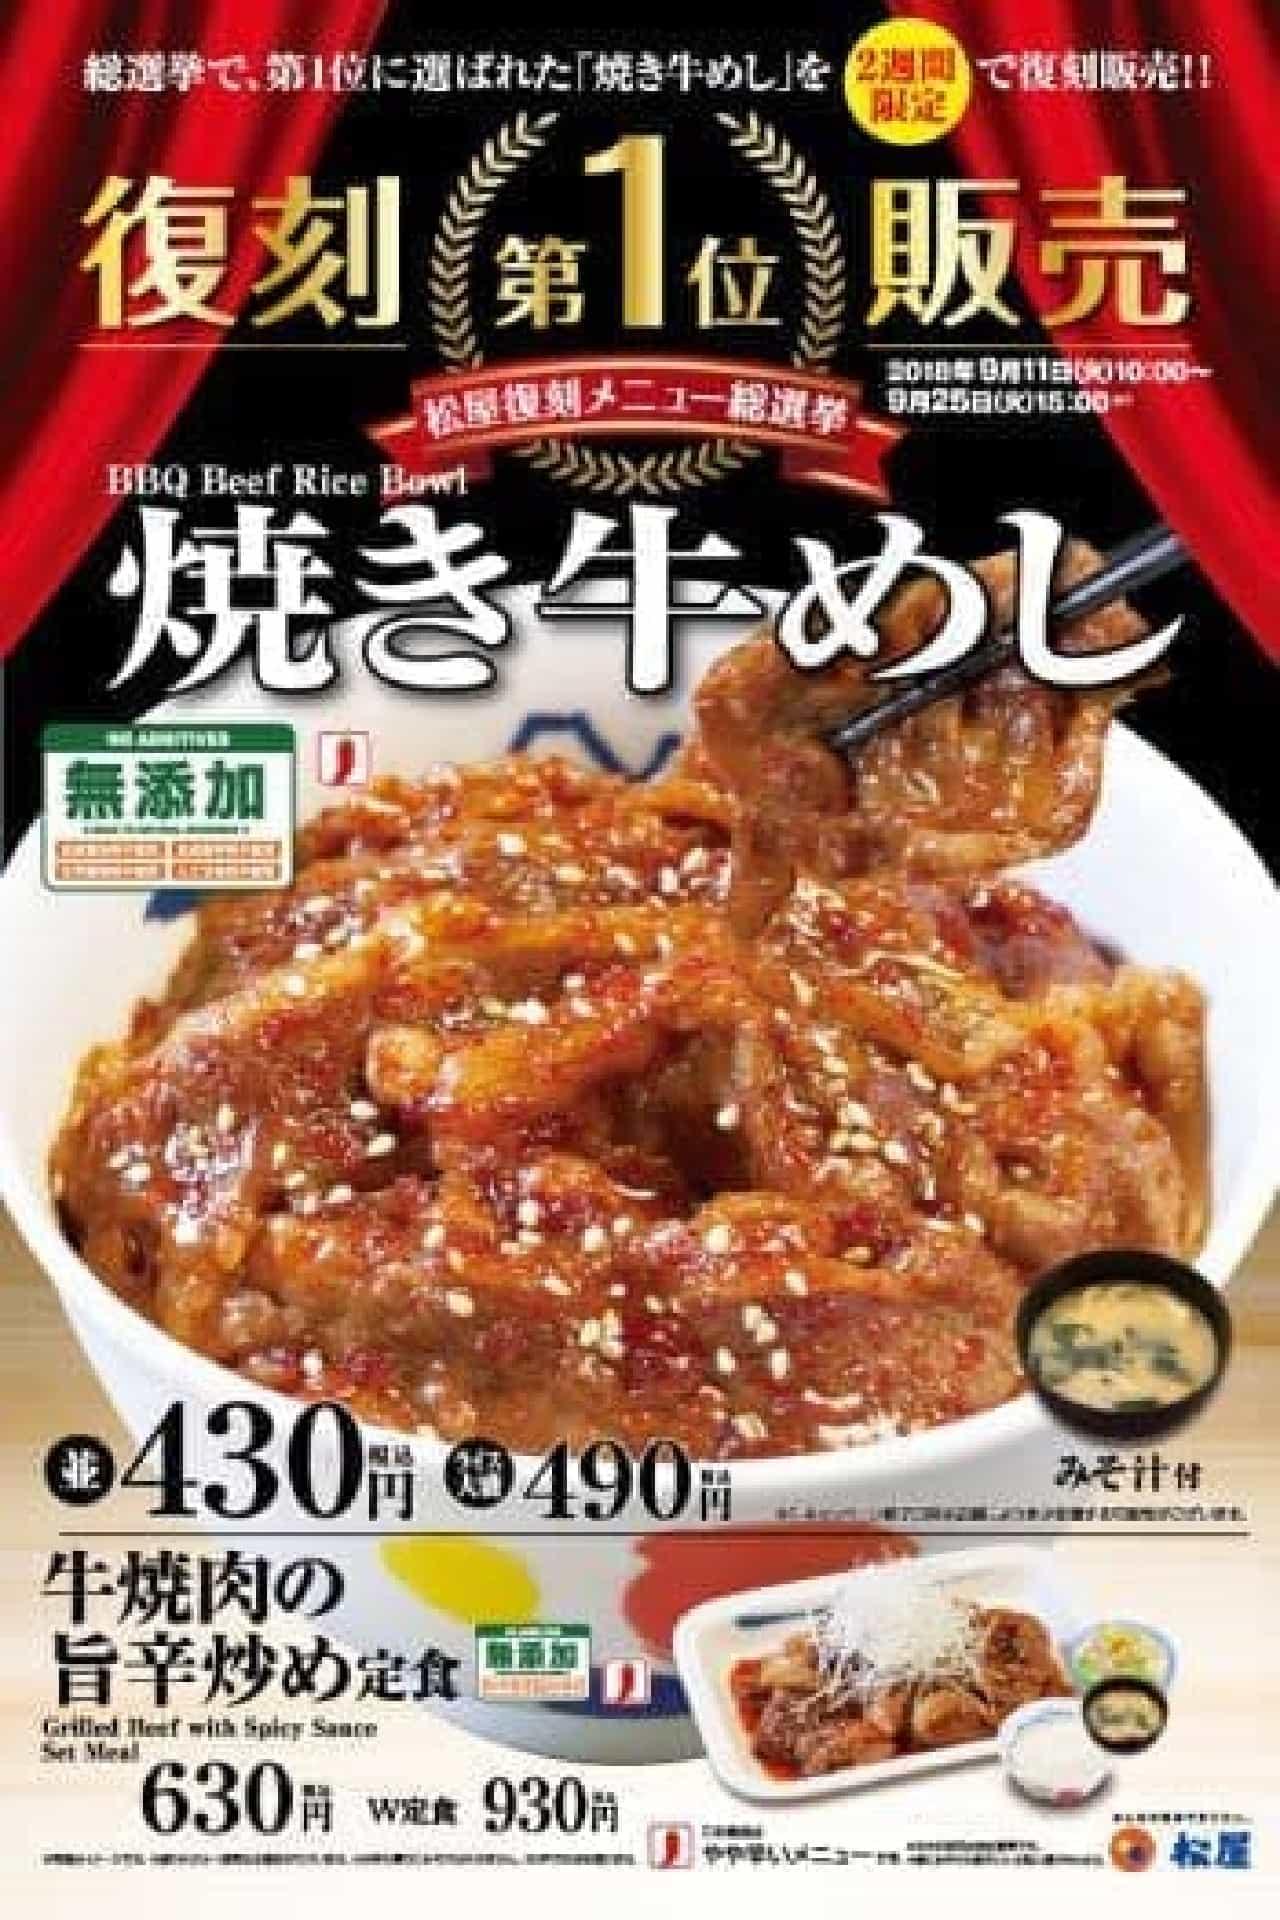 松屋「焼き牛めし」が復刻販売